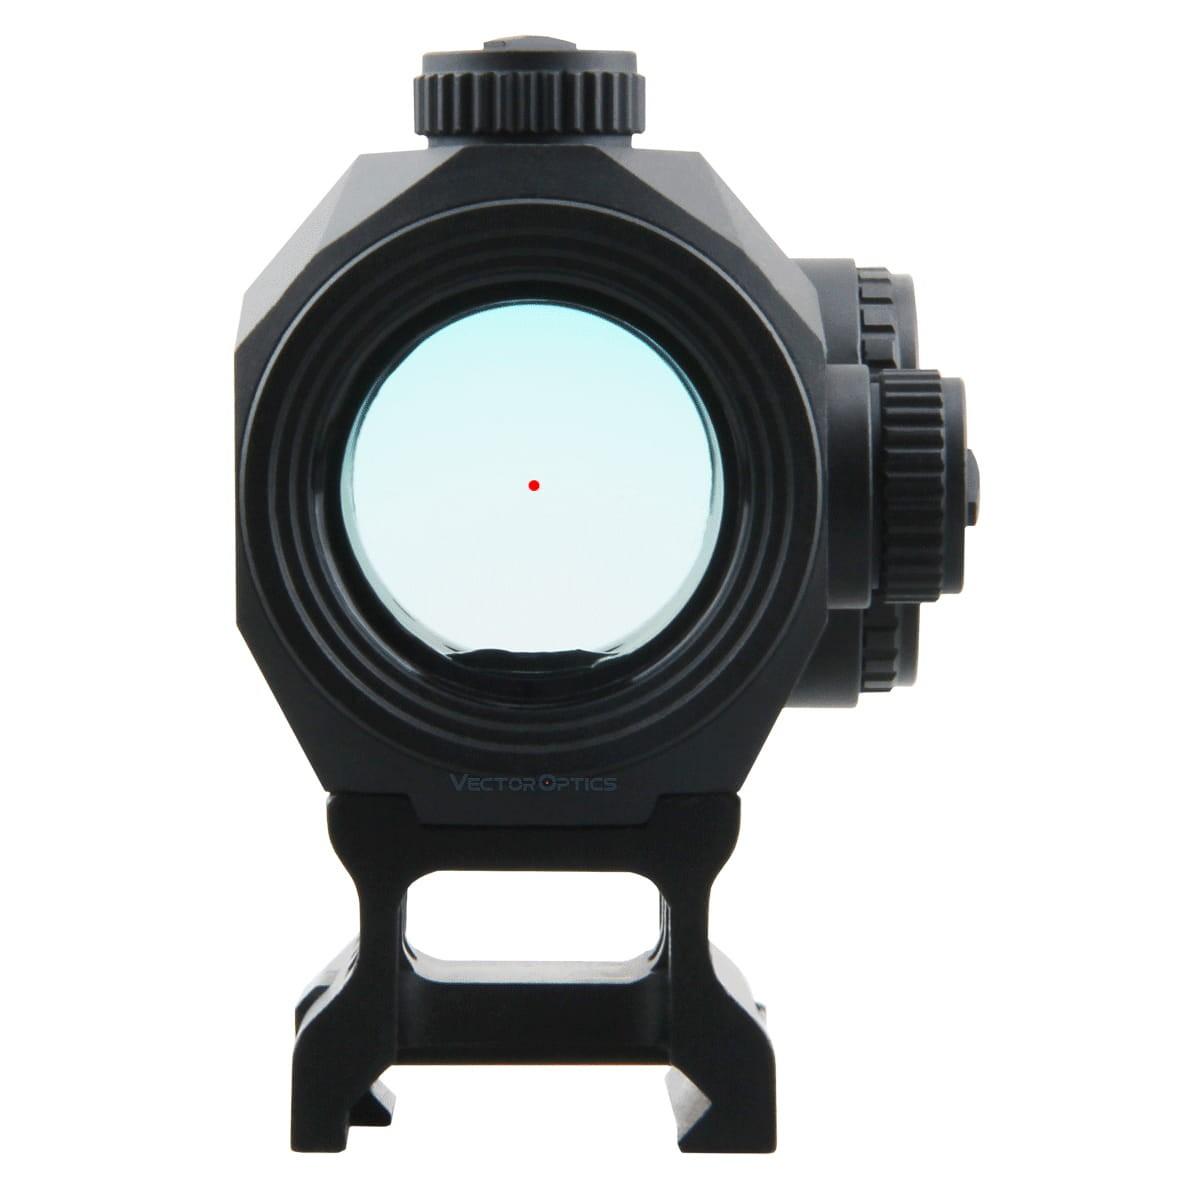 Scrapper 1x25 Red Dot Sight